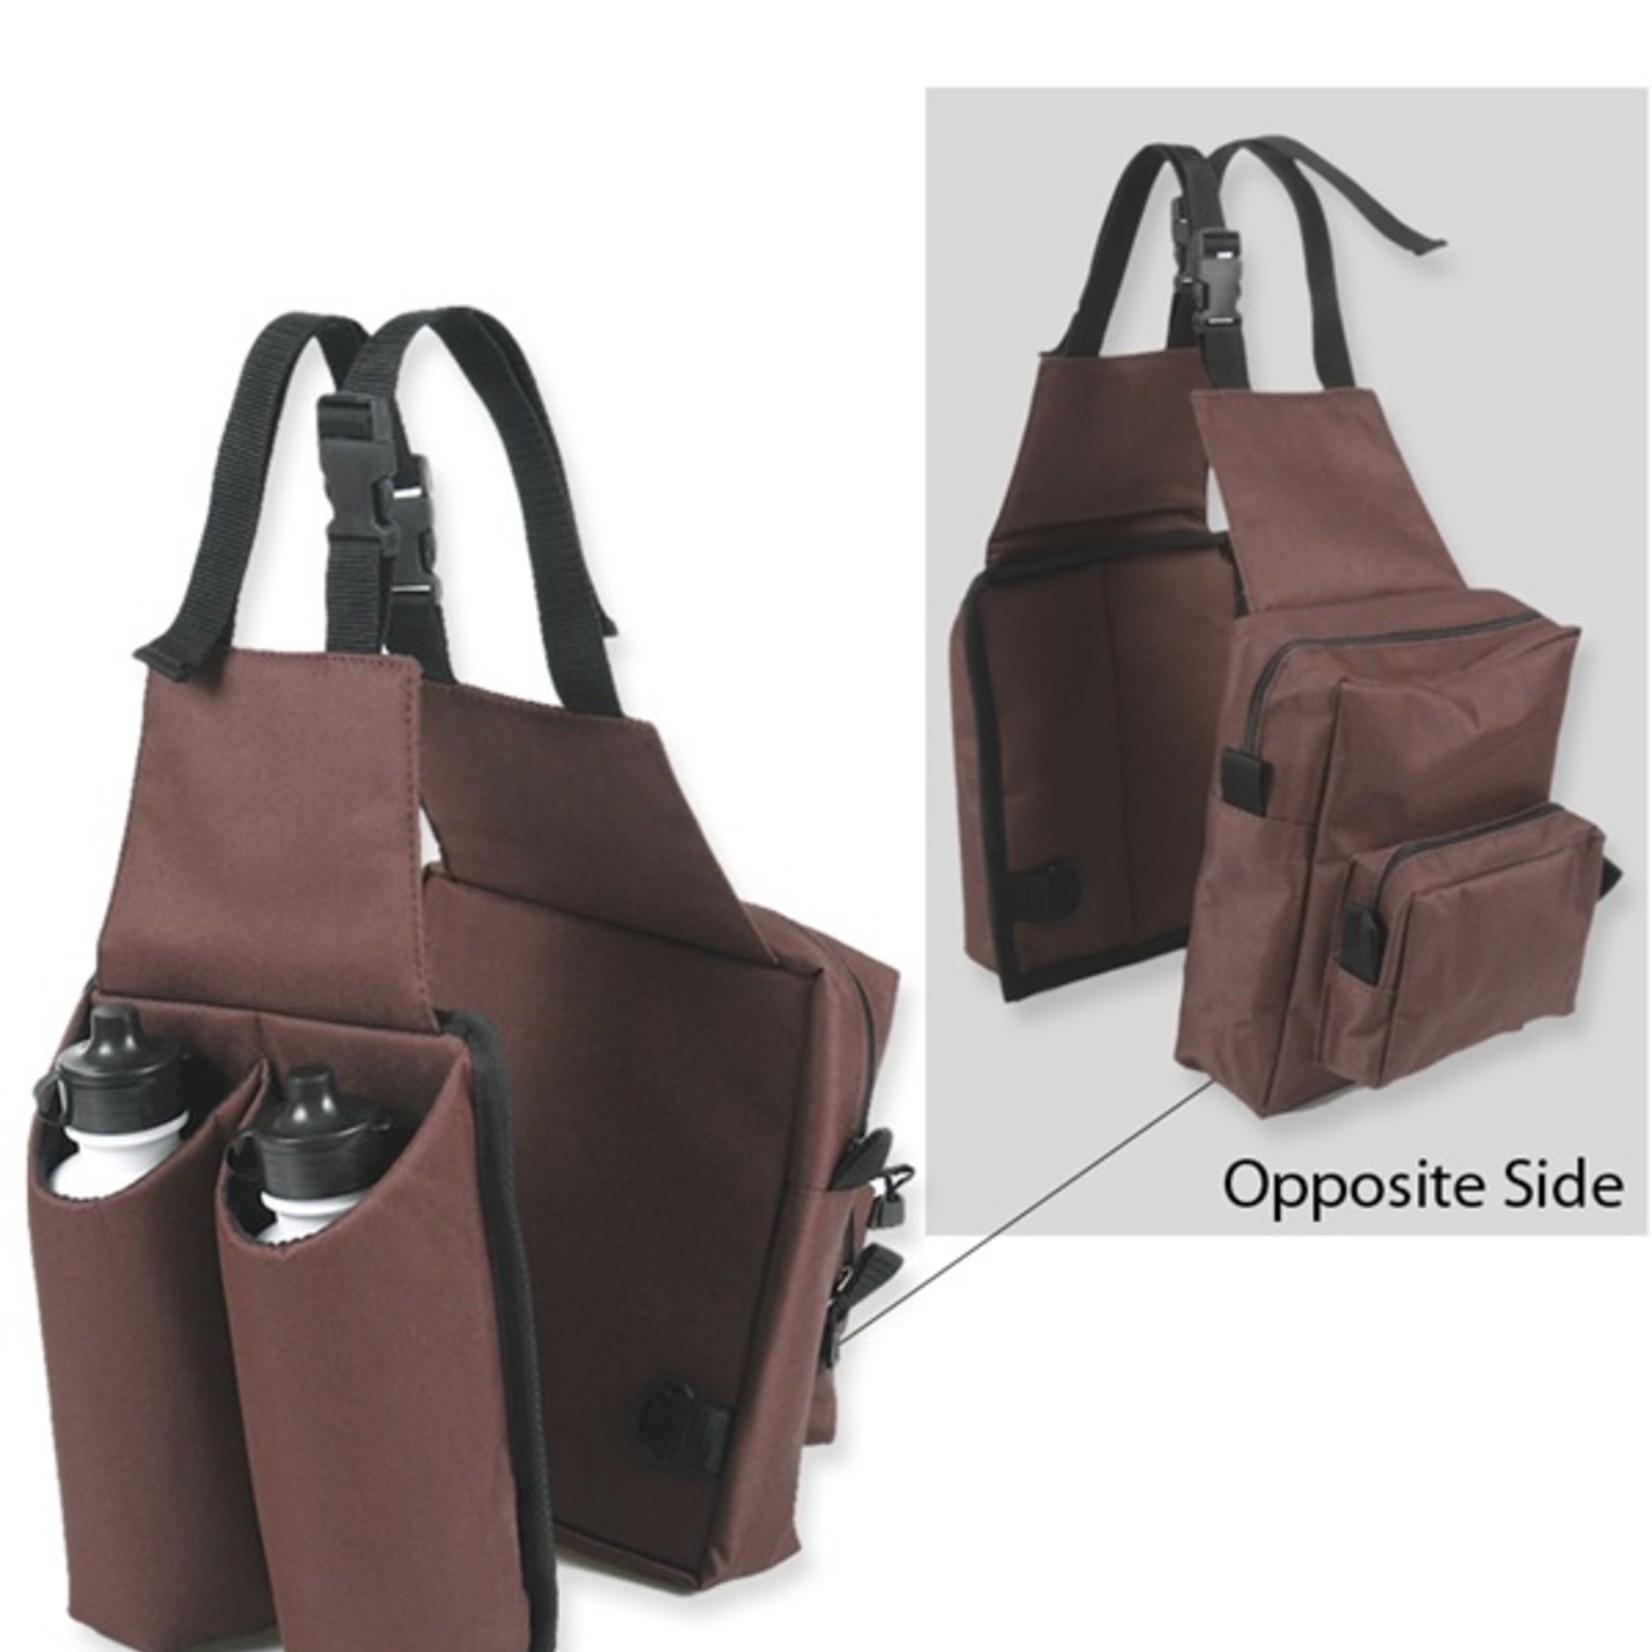 Saddle Bag w/ Water Bottles